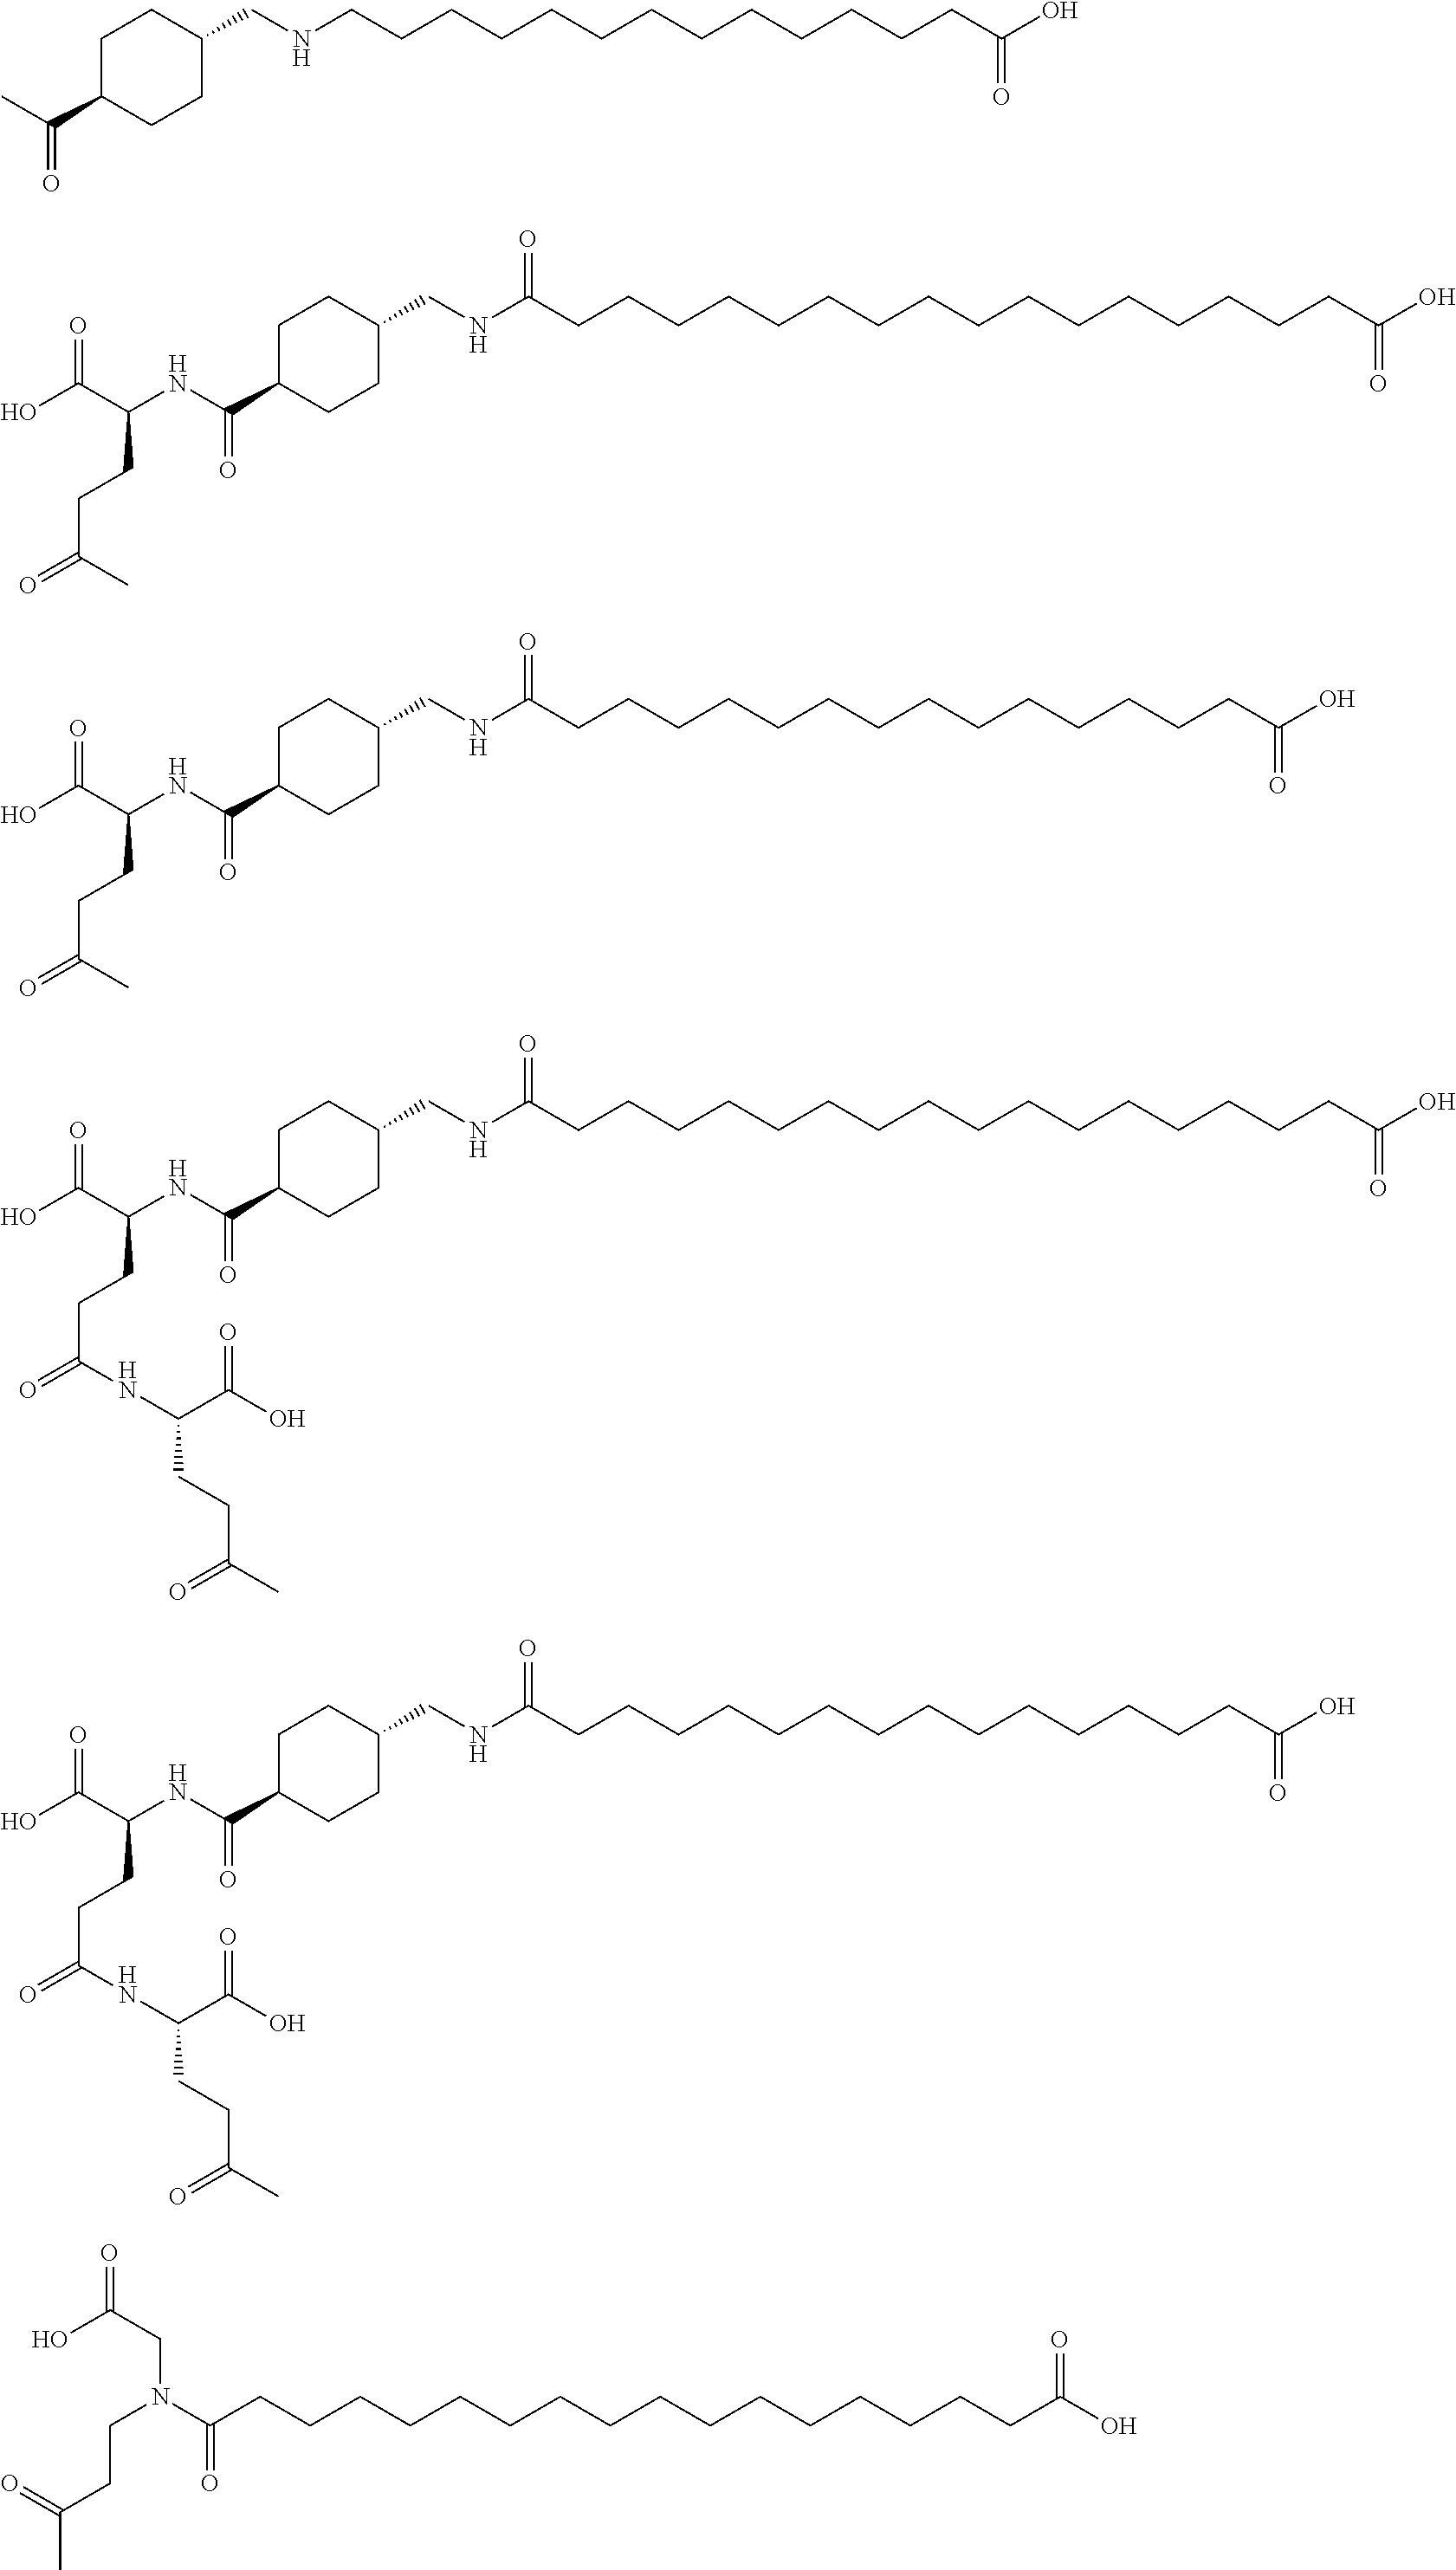 Figure US20180000742A1-20180104-C00006